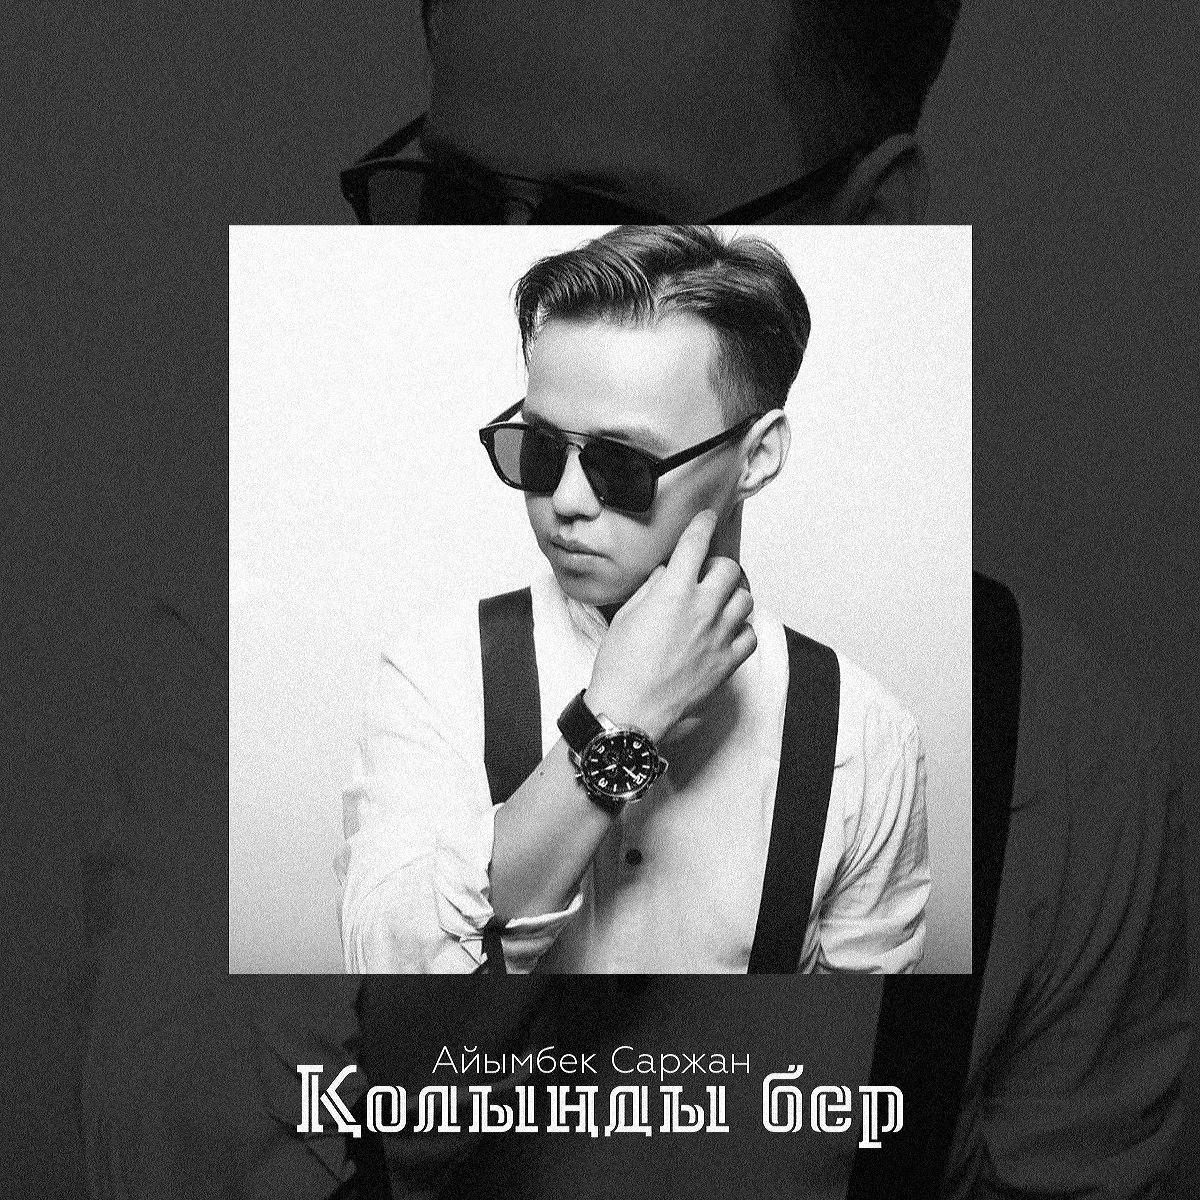 Айымбек Саржан - Қолыңды бер (2016)